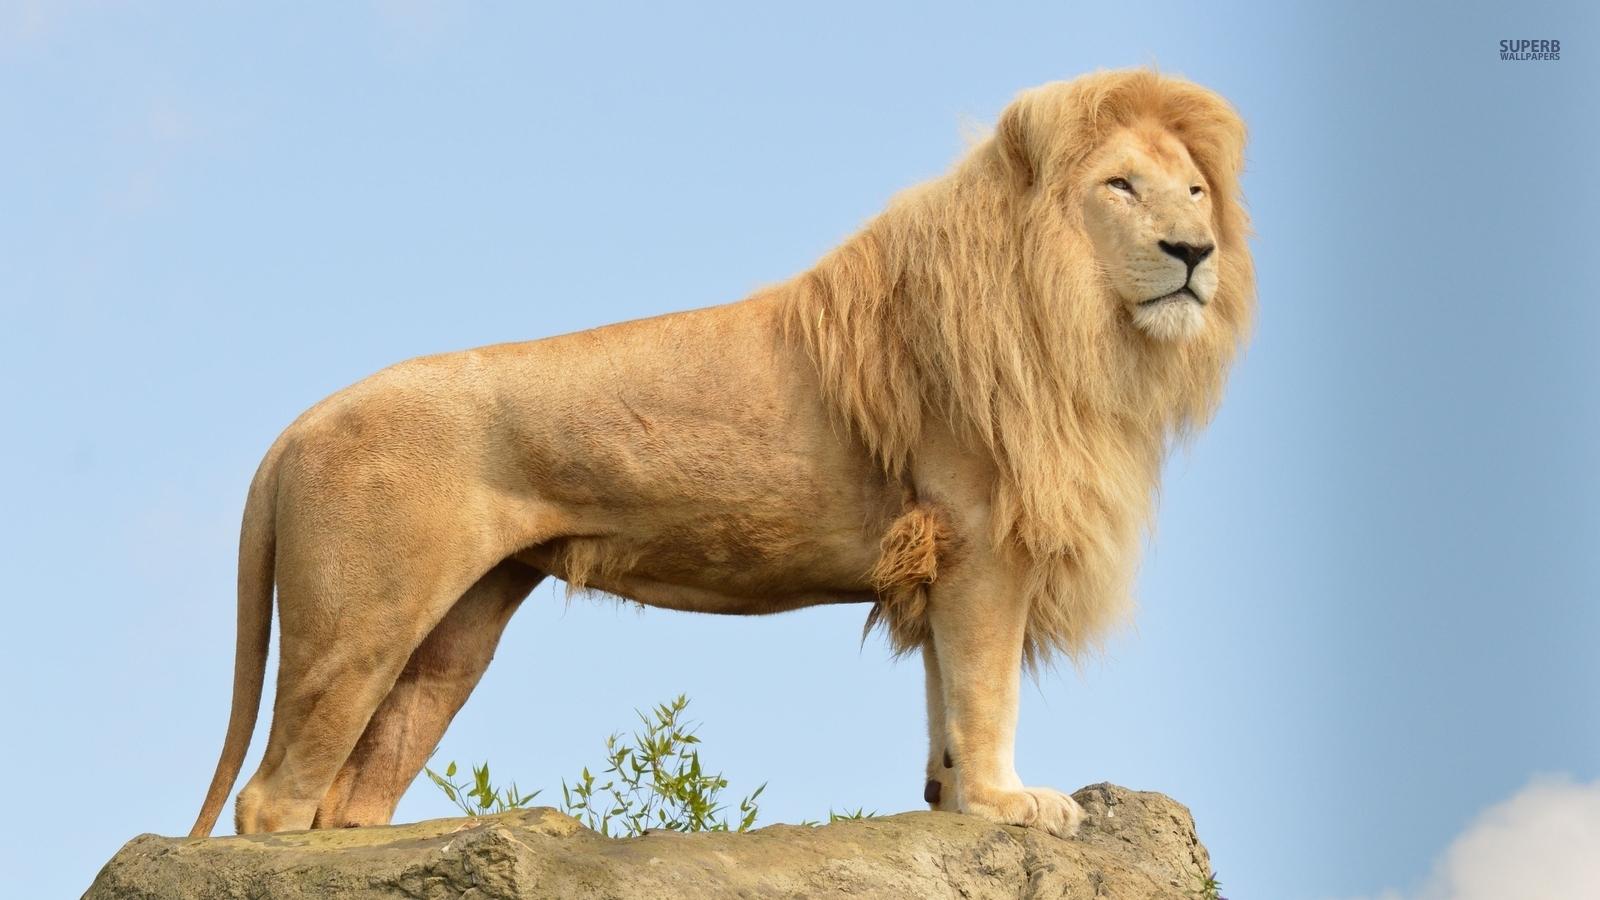 壁纸 大象 动物 狮子 桌面 1600_900